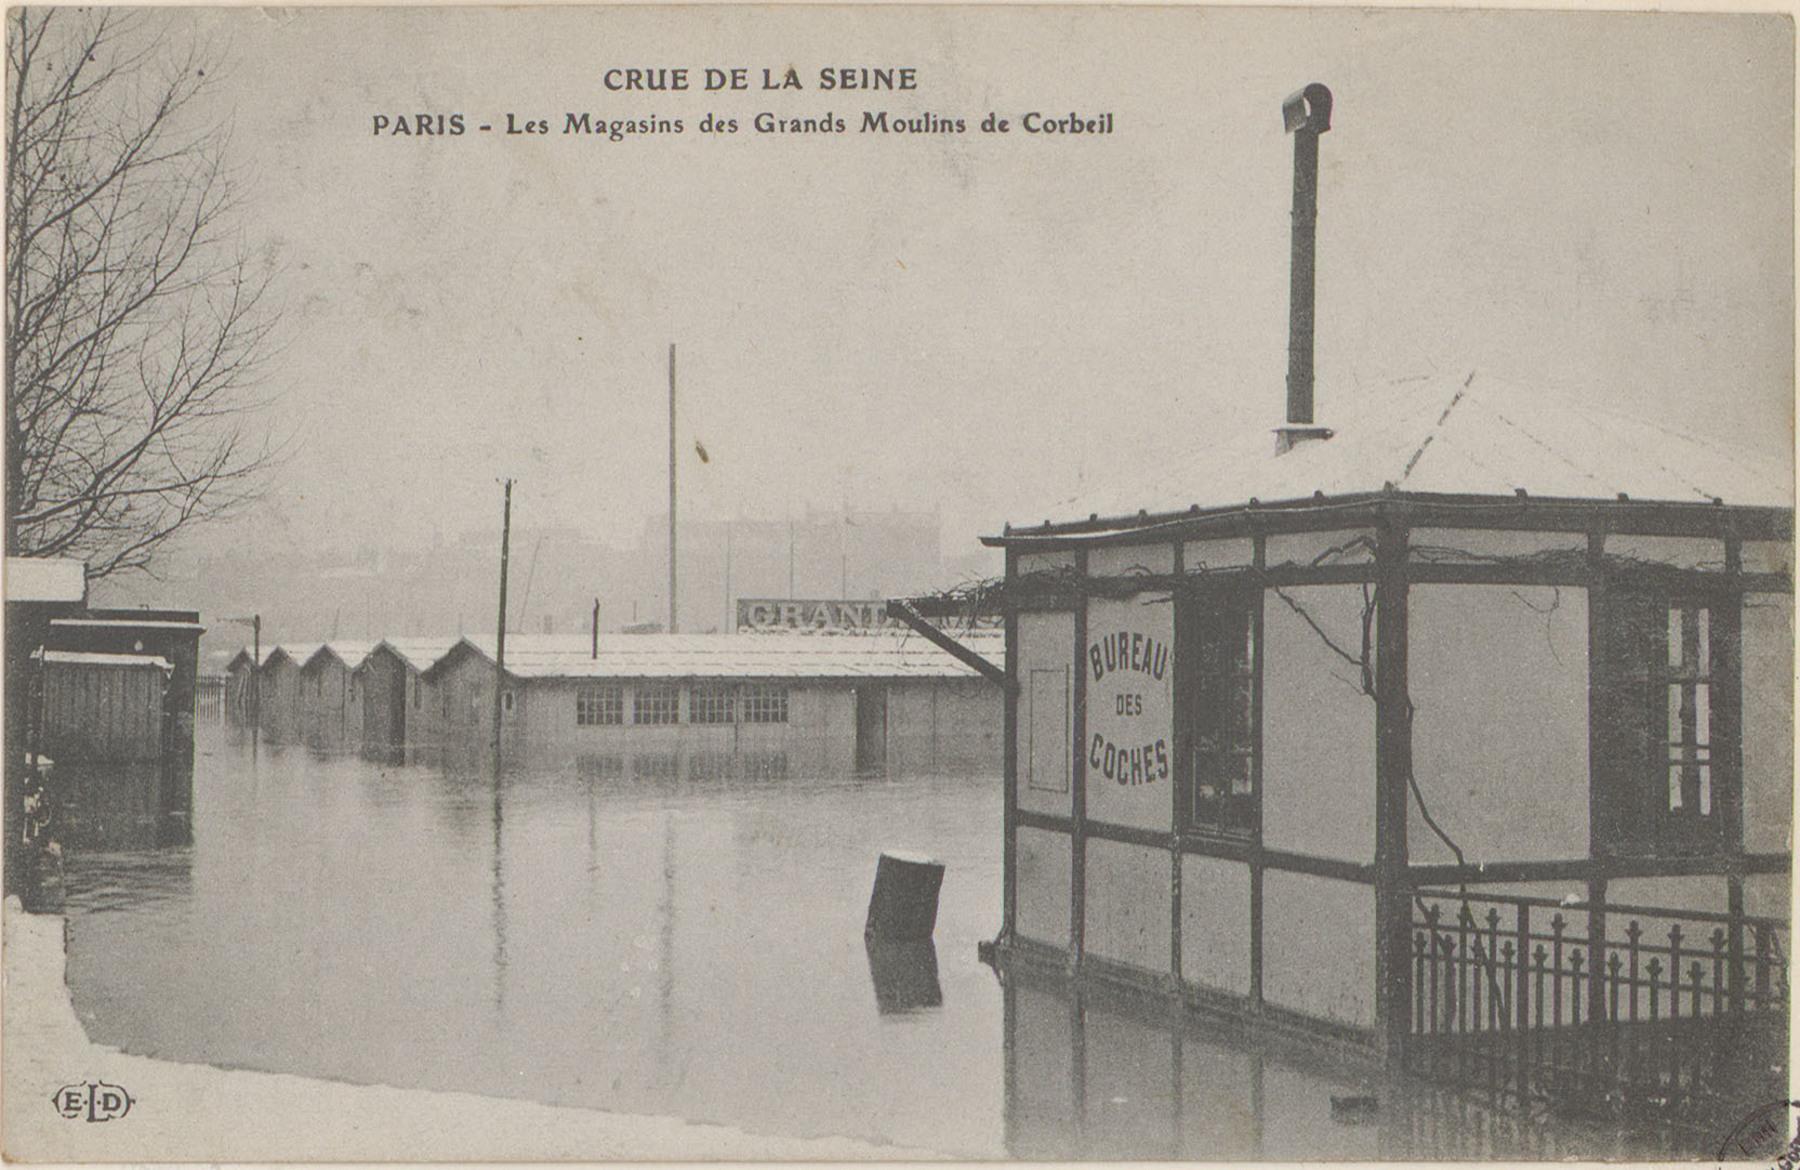 Contenu du Paris, Les Magasins des Grands Moulins de Corbeil